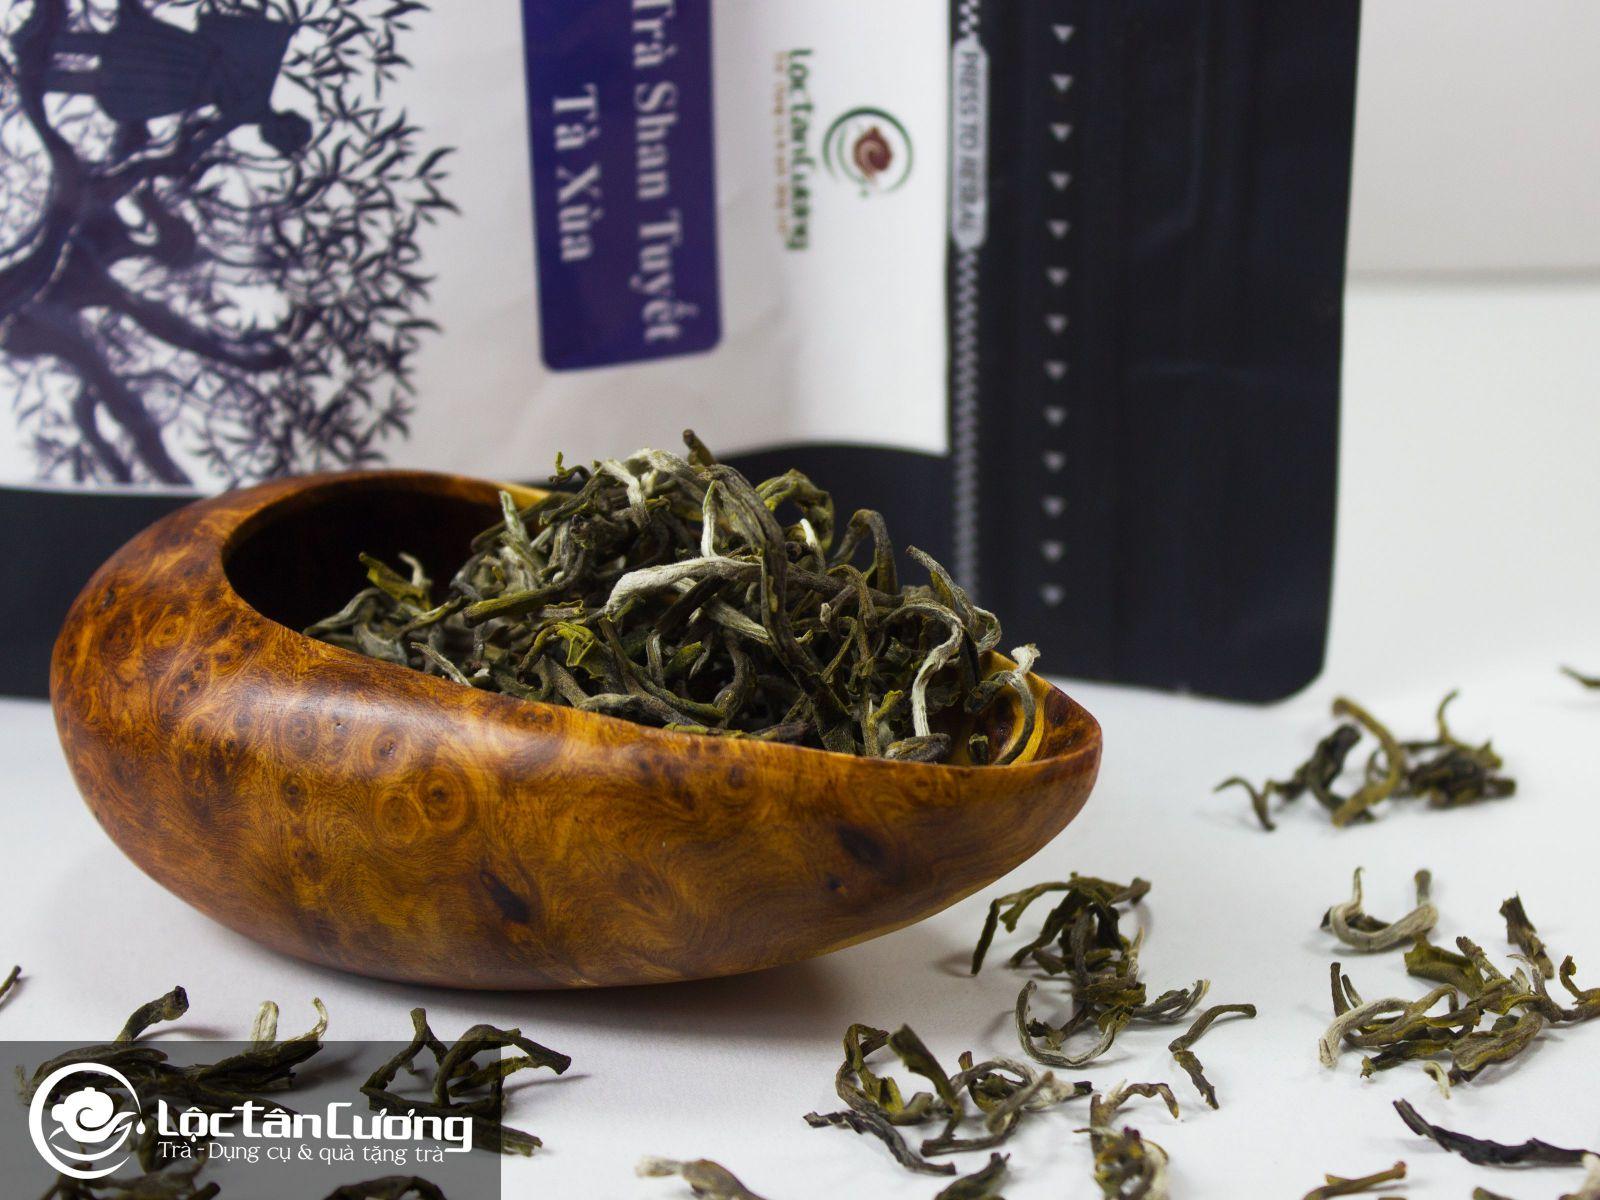 Trà Shan Tuyết cổ thụ Tà Xùa có nhiều lợi ích tốt cho sức khỏe và bổ dưỡng cho người thưởng trà